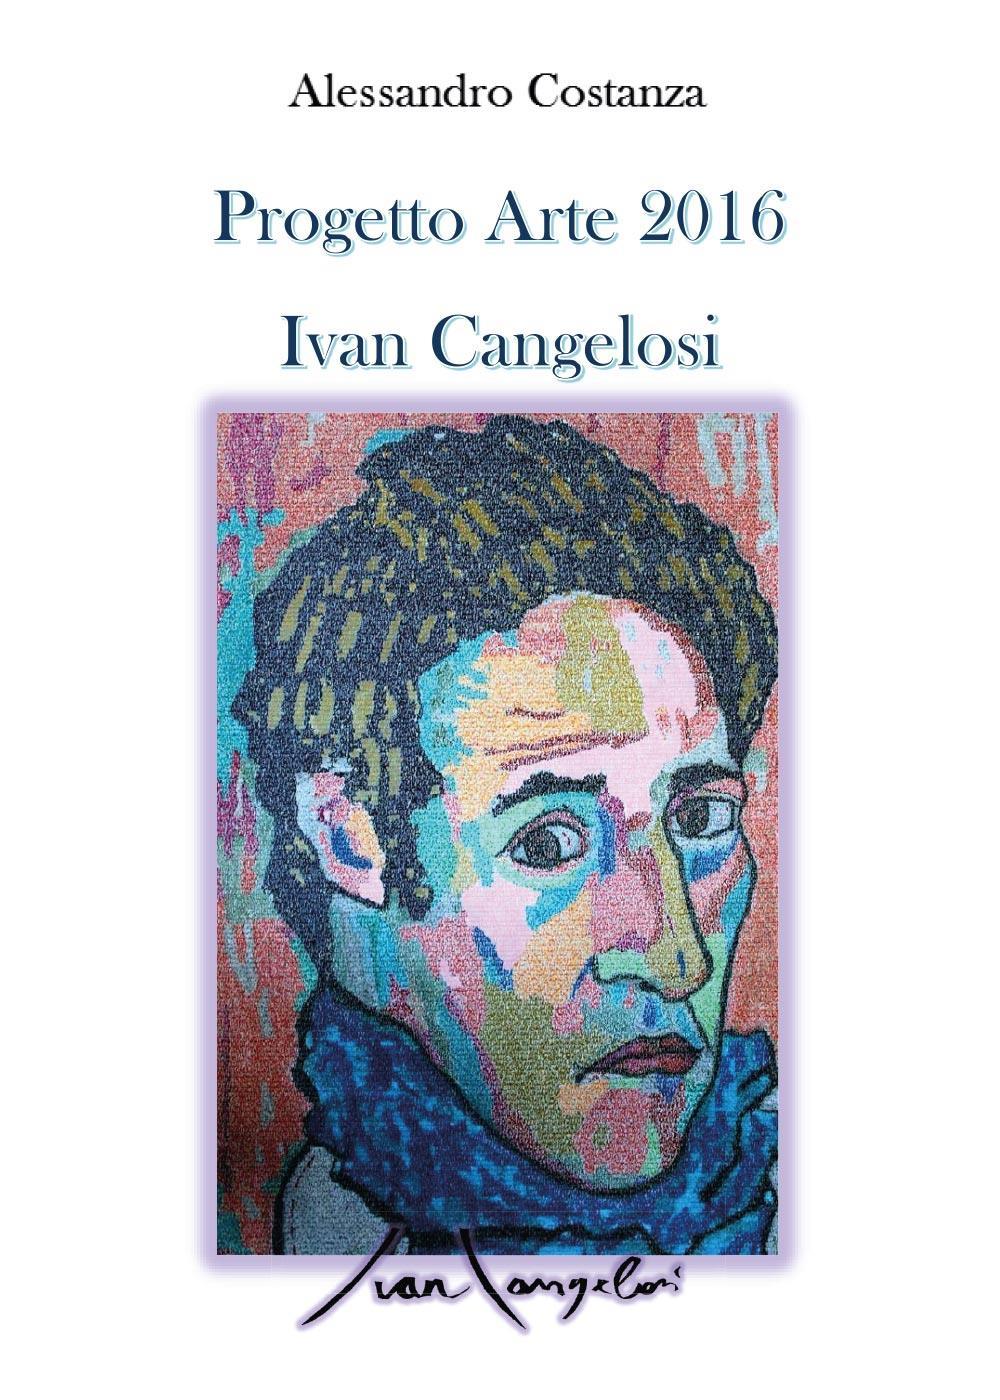 Progetto Arte 2016 - Ivan Cangelosi